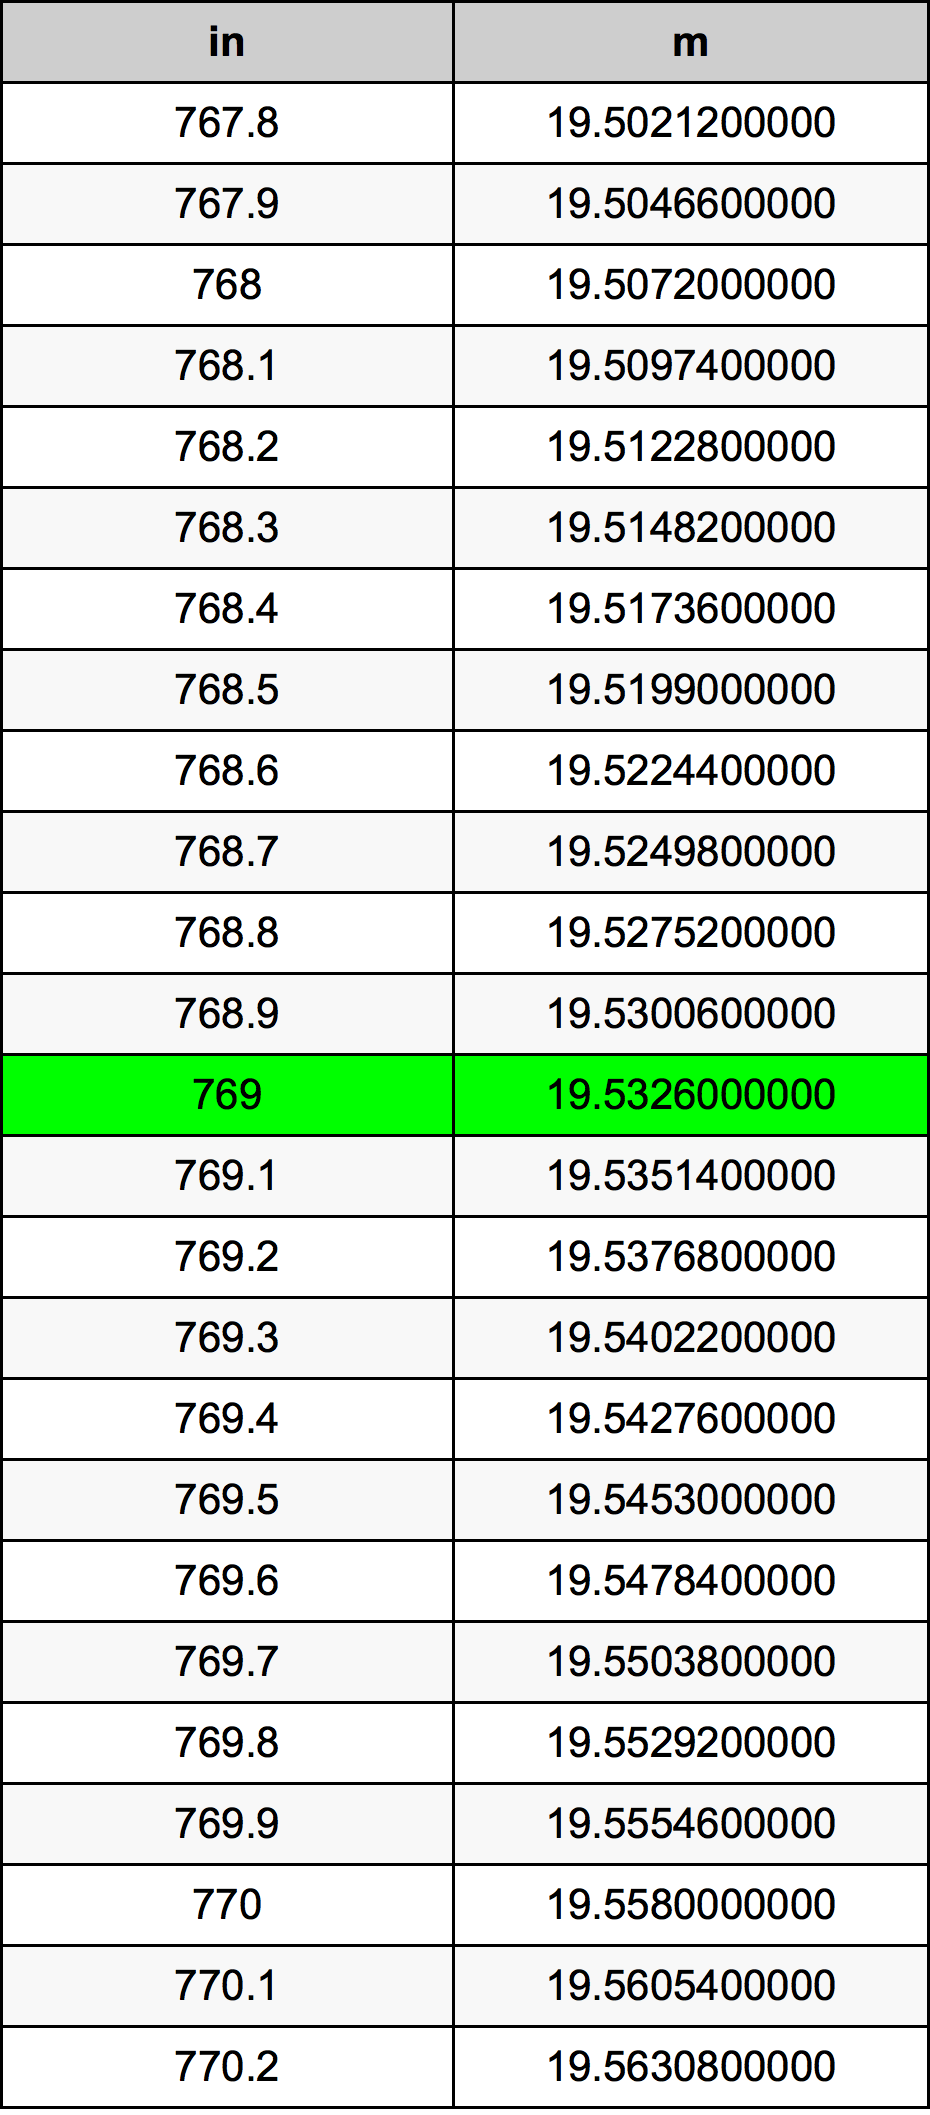 769 Țol tabelul de conversie